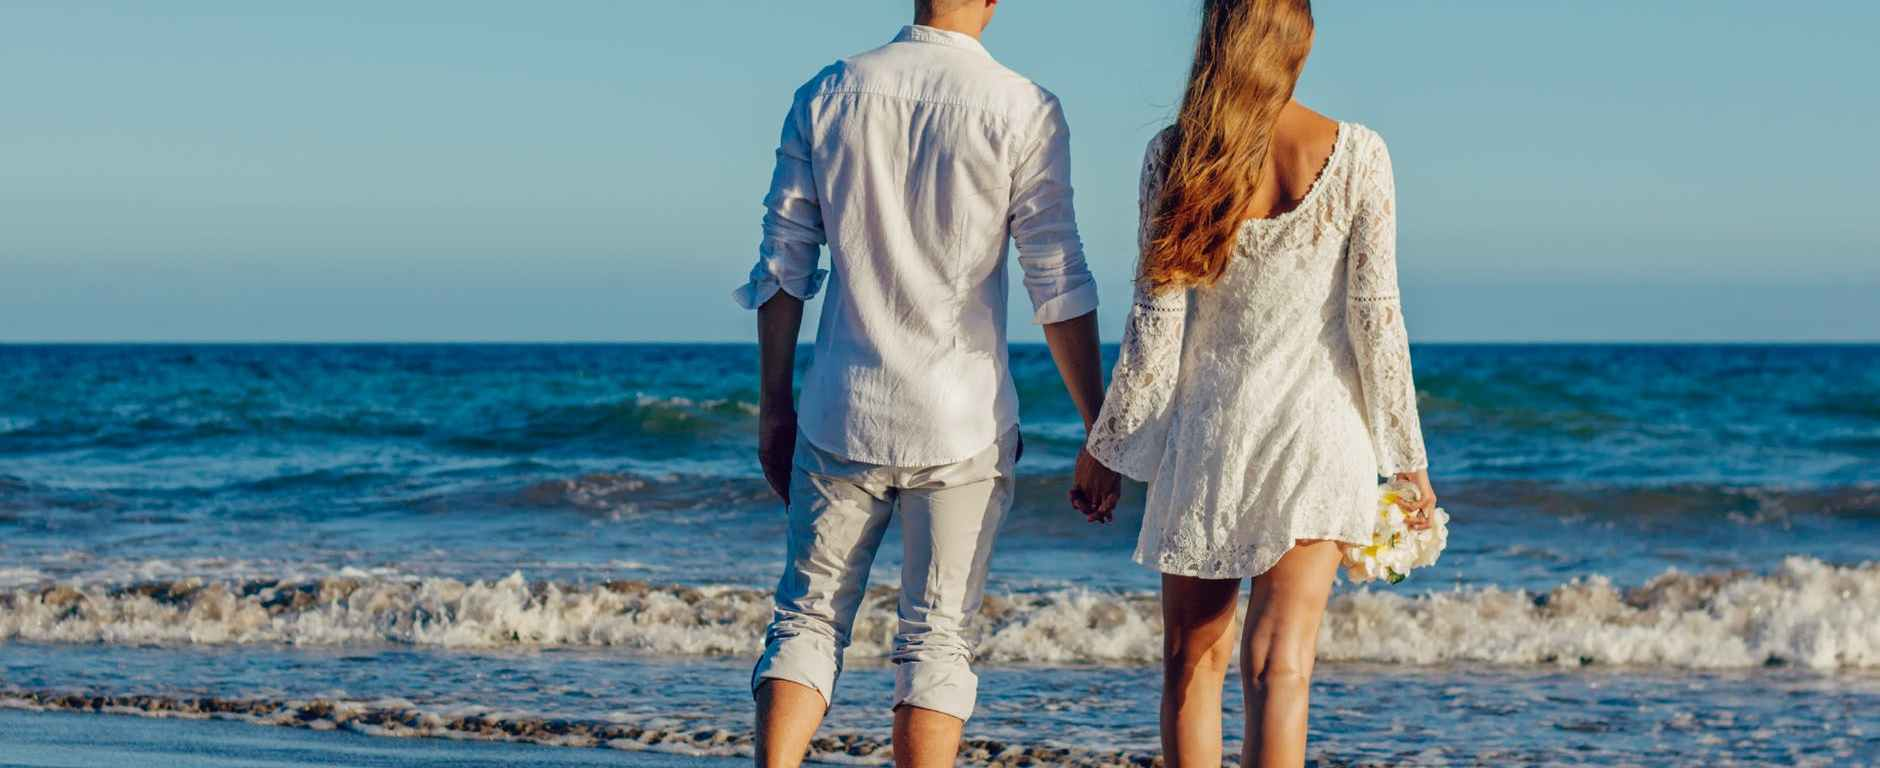 καλοκαιρινοί έρωτες, καλοκαιρινός έρωτας, θα κρατήσει και το χειμώνα, έρωτας, αγάπη, ζευγάρι, σχέσεις, καλοκαιρινές σχέσεις,